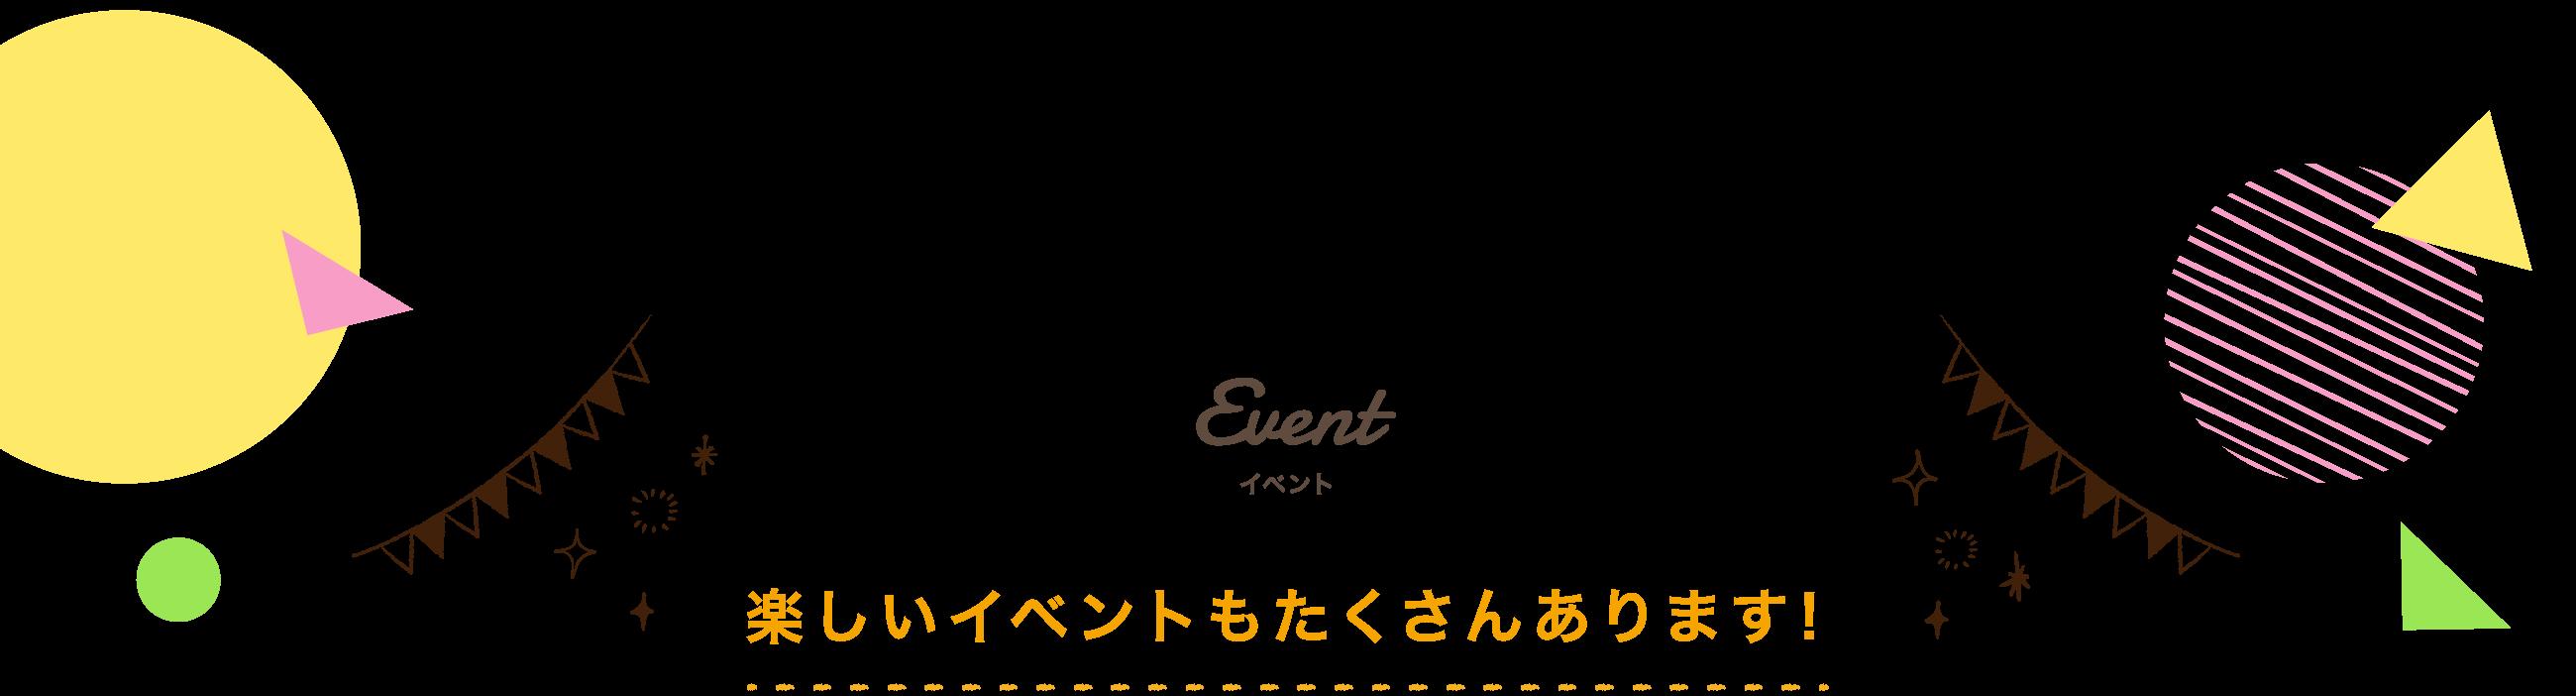 event イベント